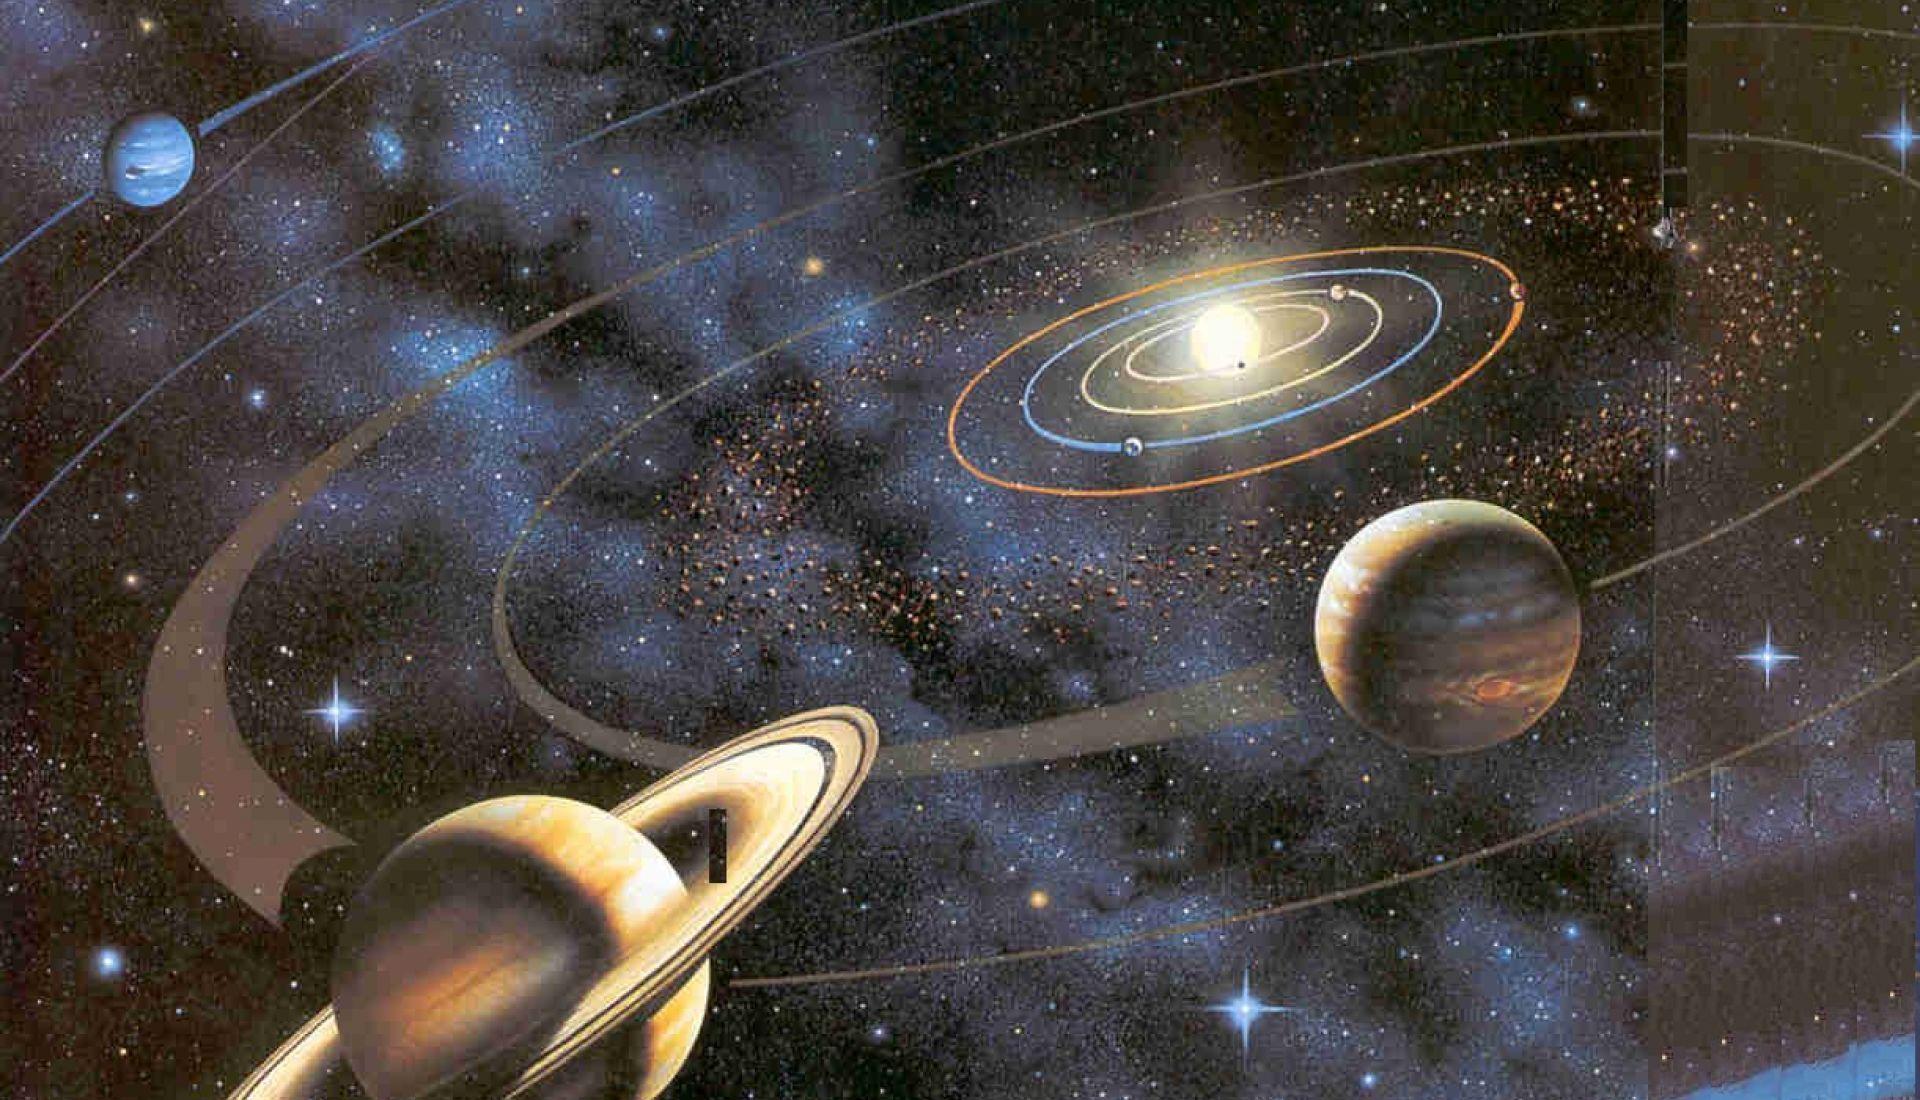 L'univers des galaxies, étoiles et poussières d'étoiles